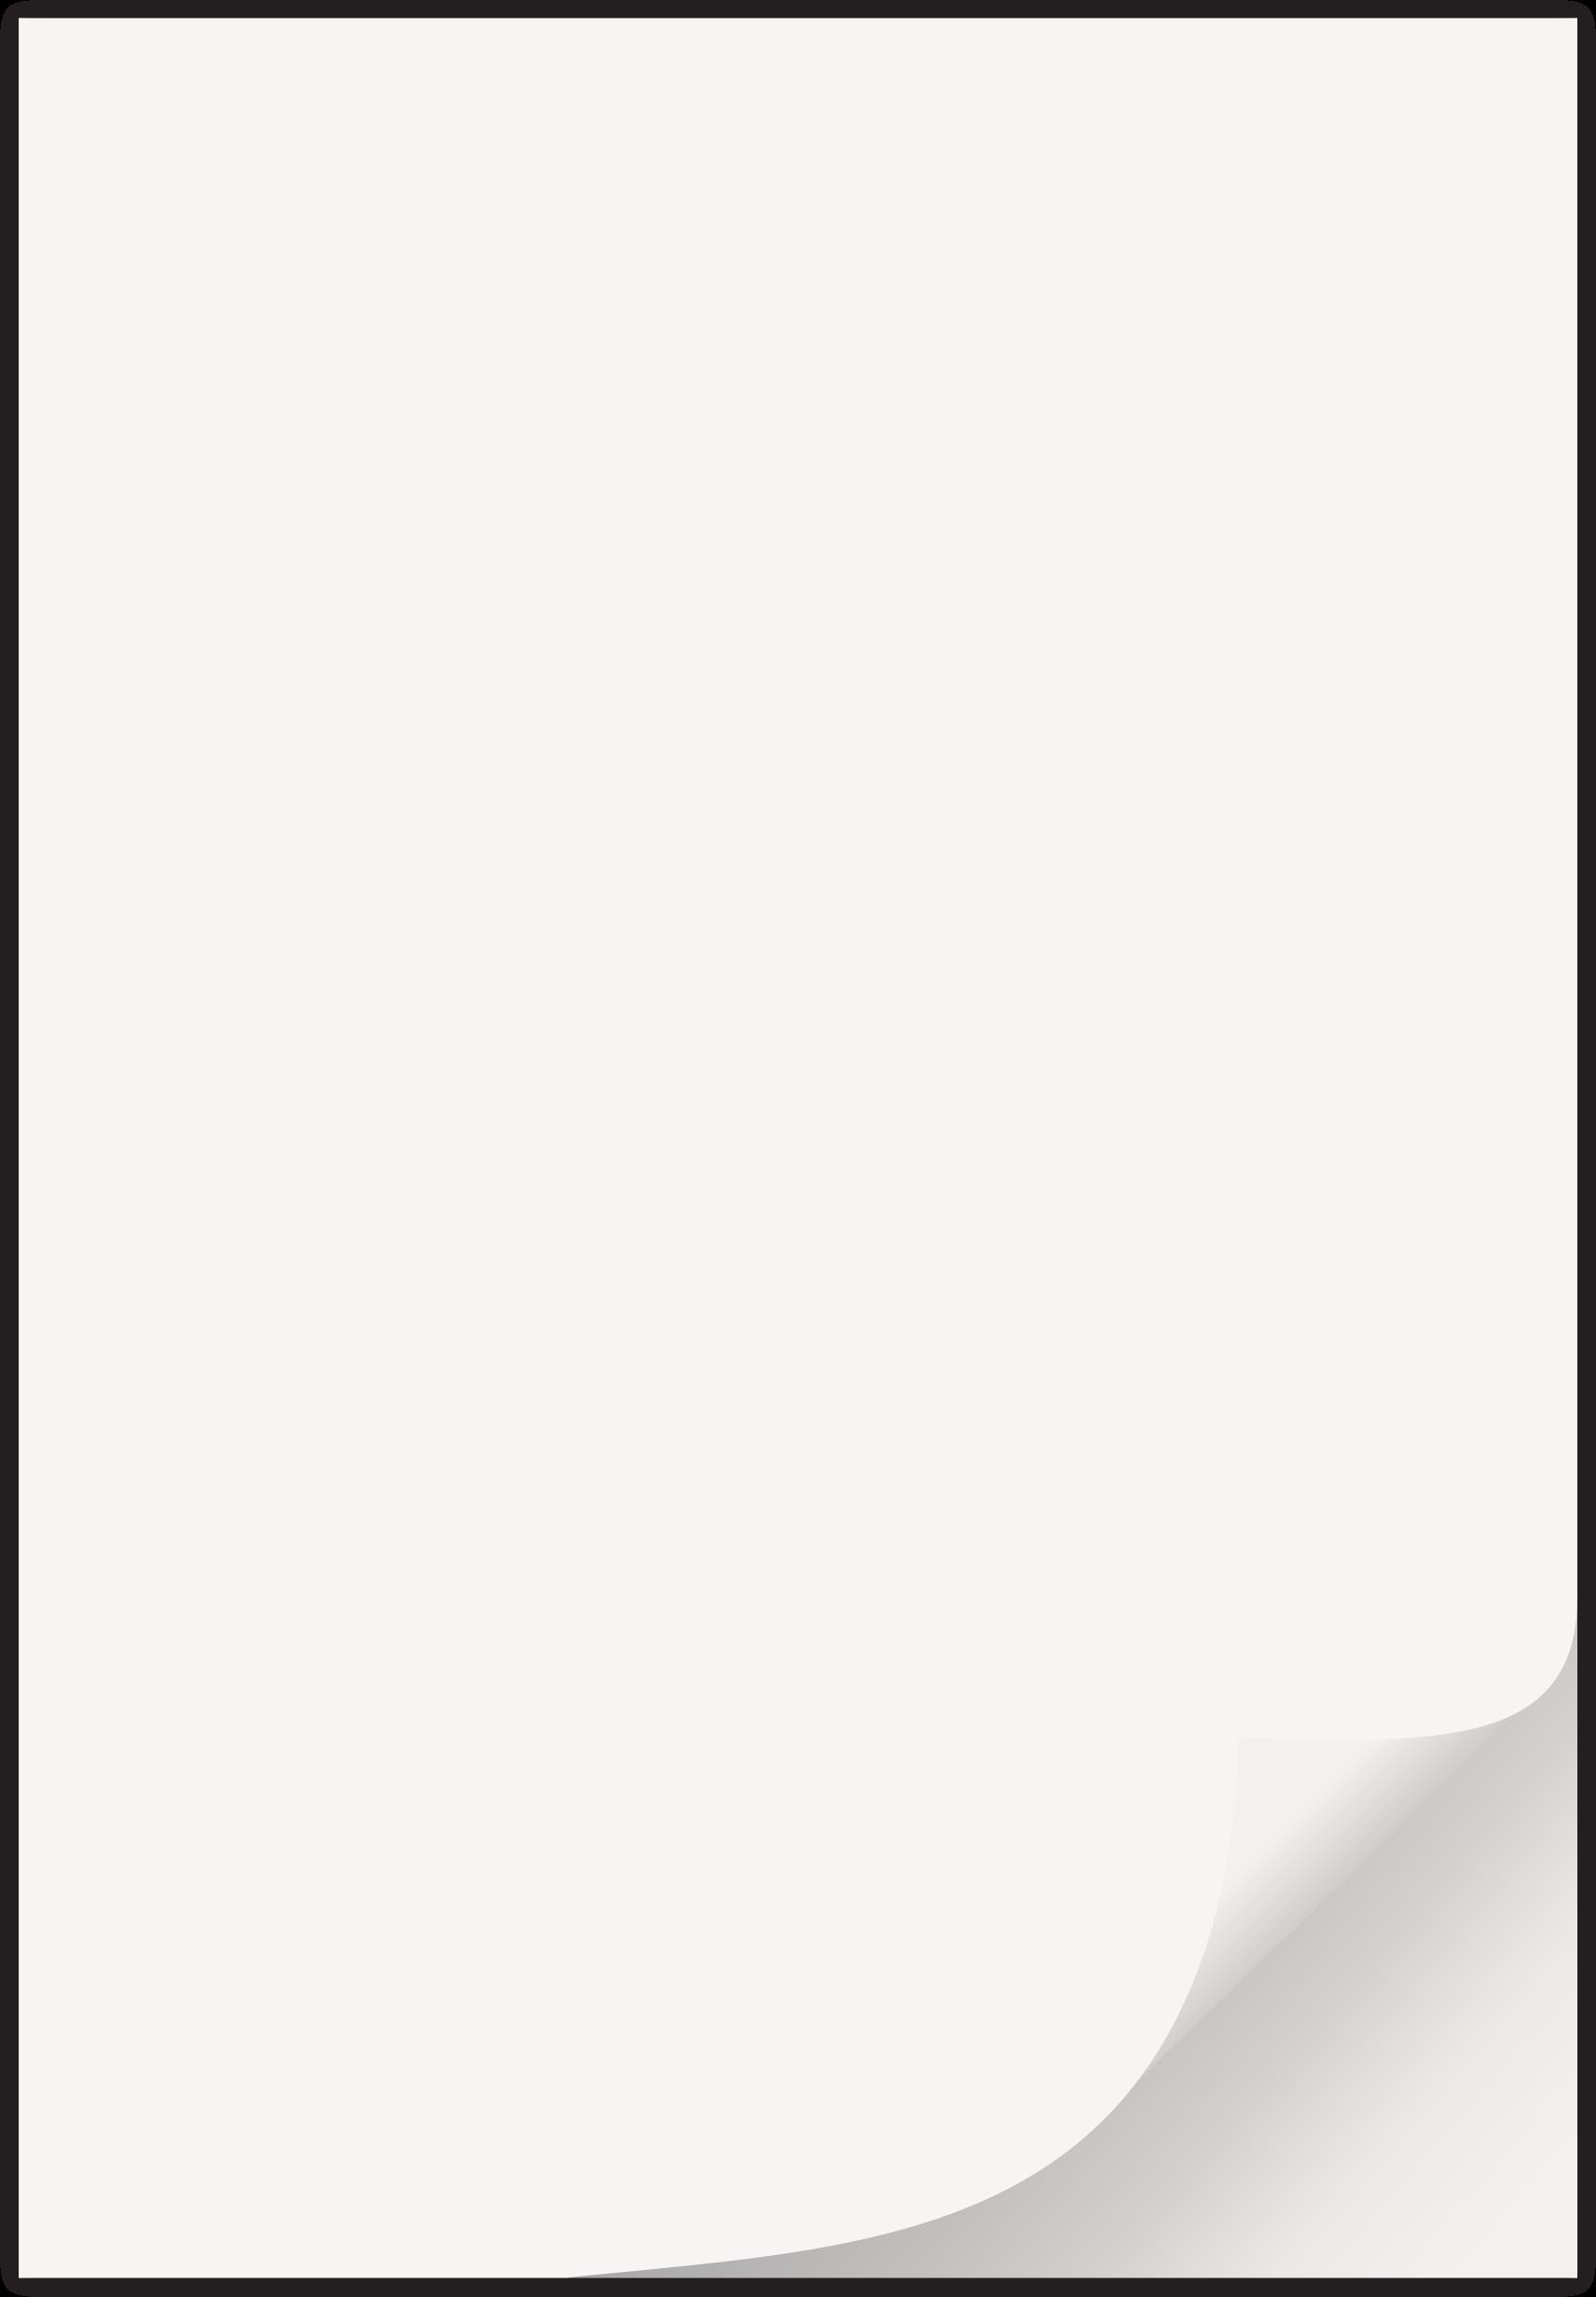 Картинка белые лист